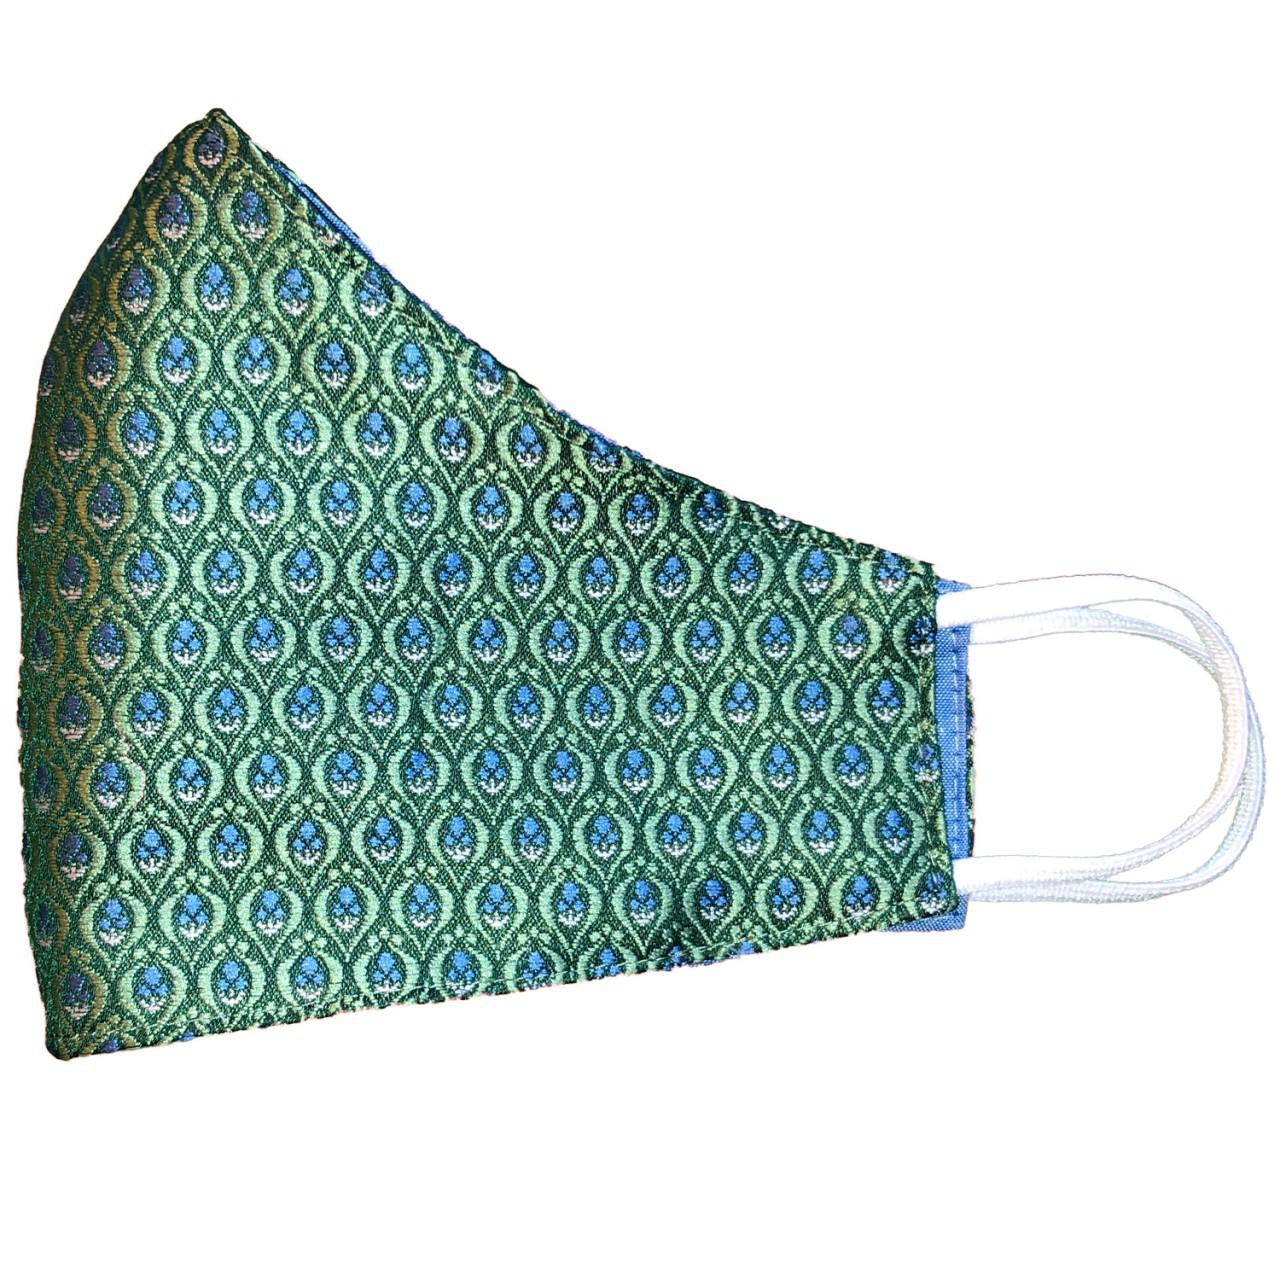 Trachtenmaske grün jacquard